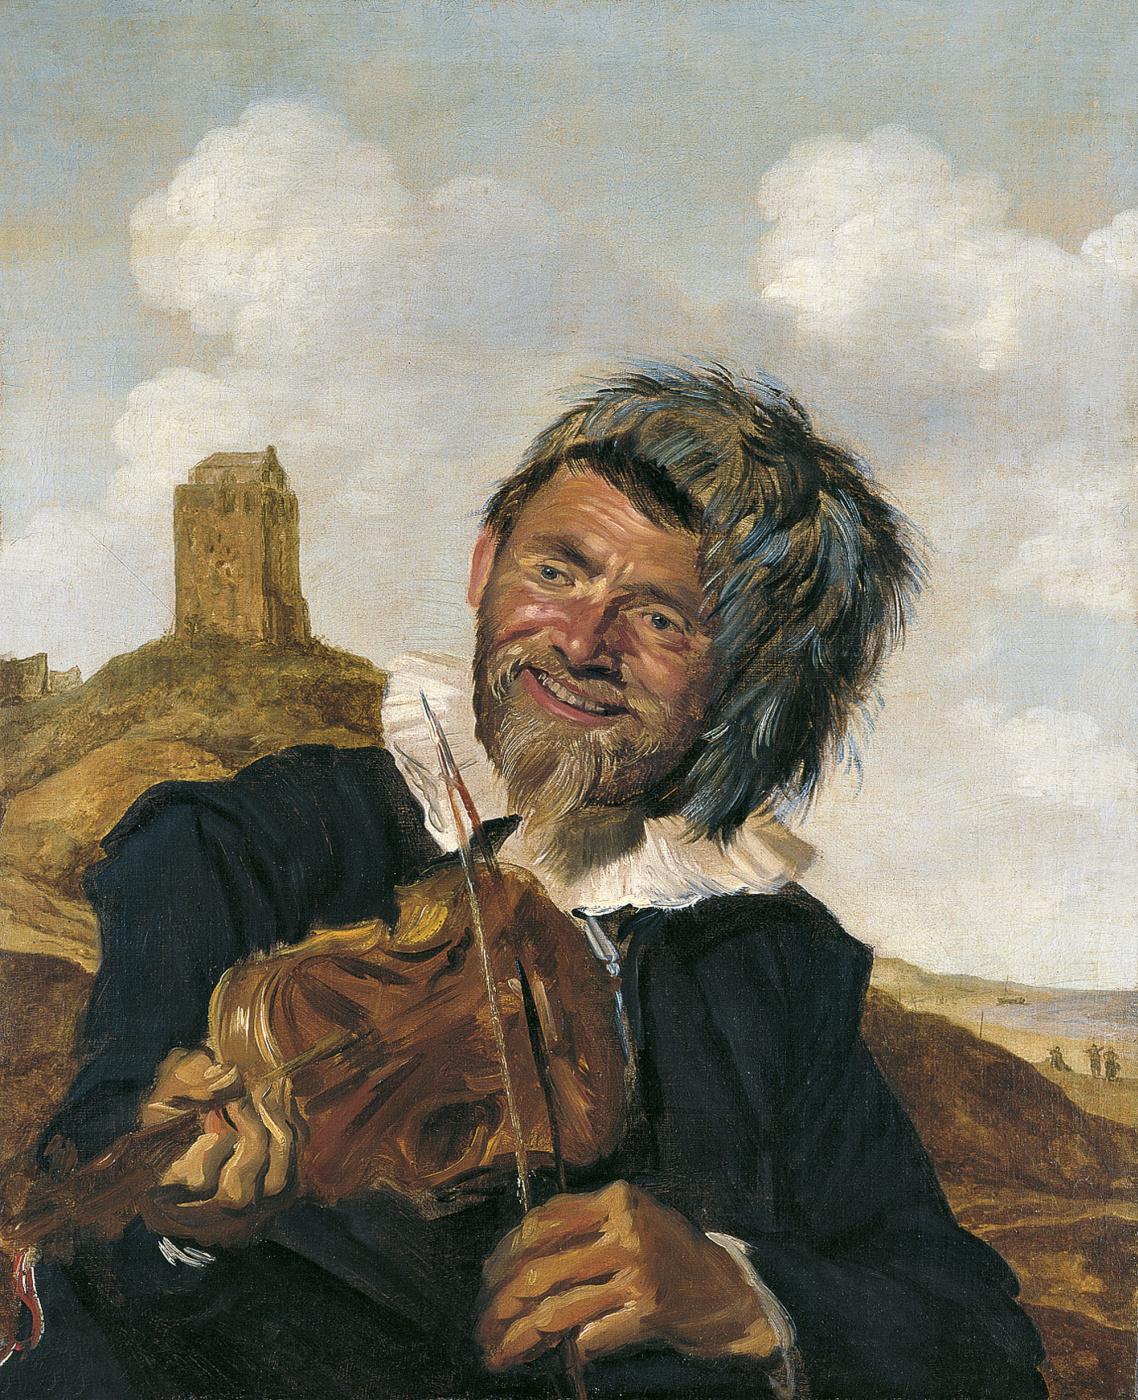 Frans Hals. Violin player in a dune landscape